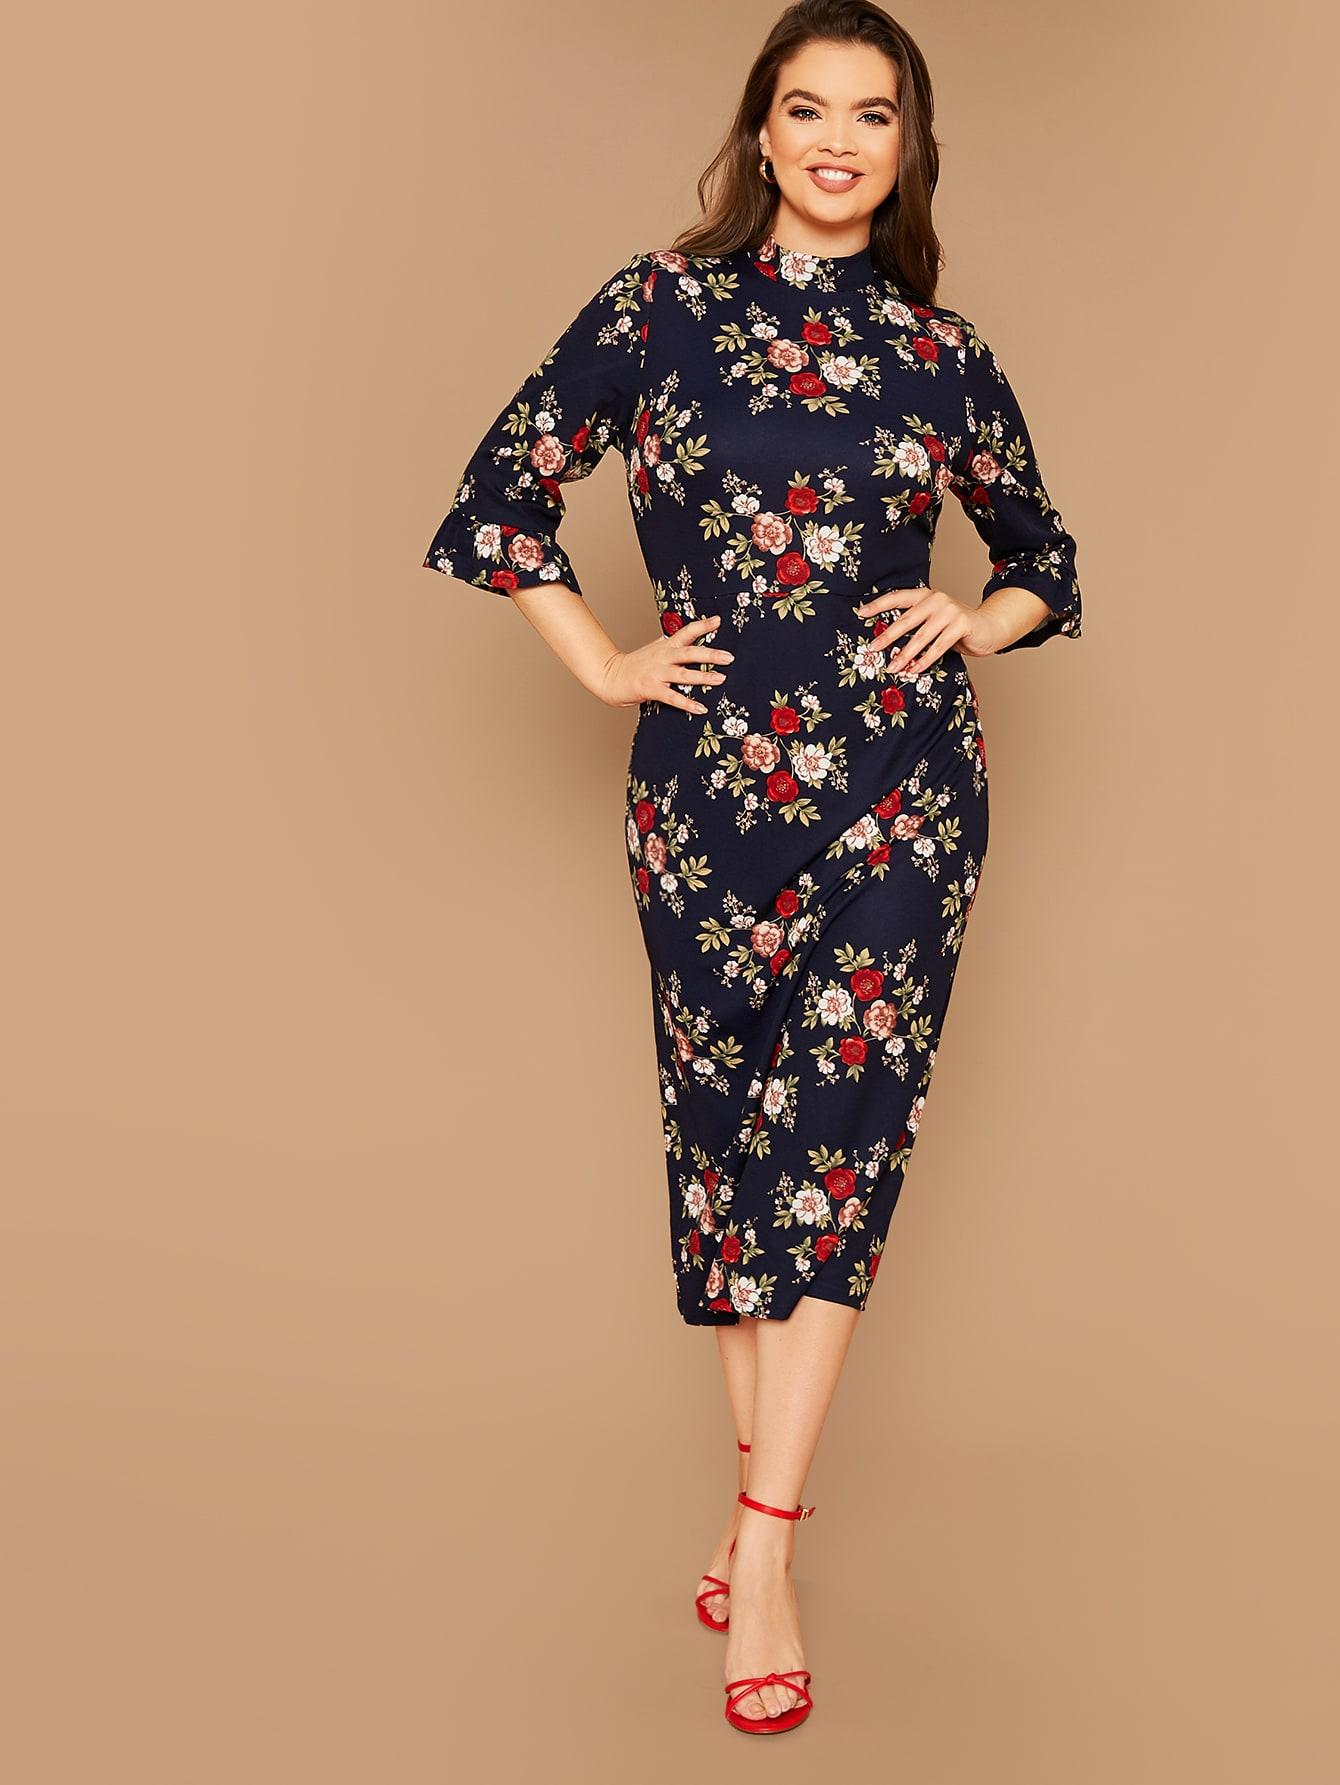 Платье-карандаш размера плюс с цветочным принтом